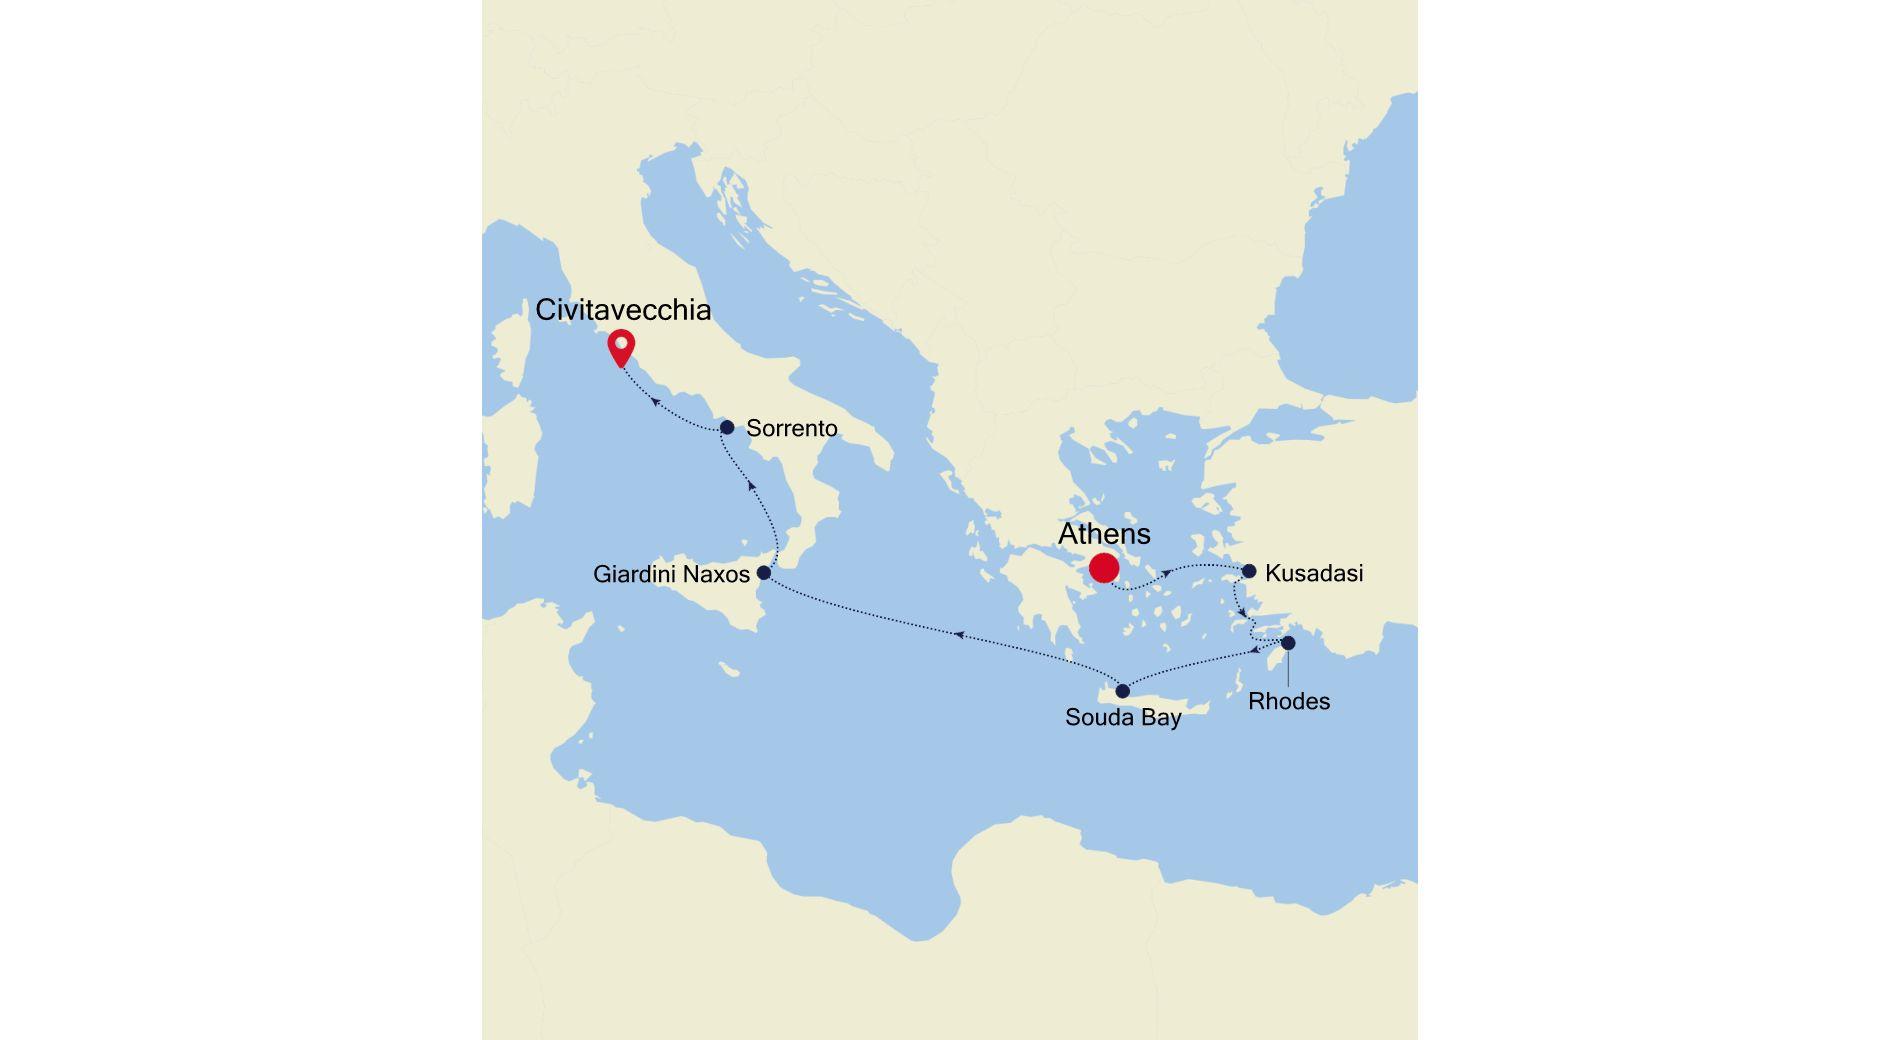 SL210427008 - Athens nach Civitavecchia